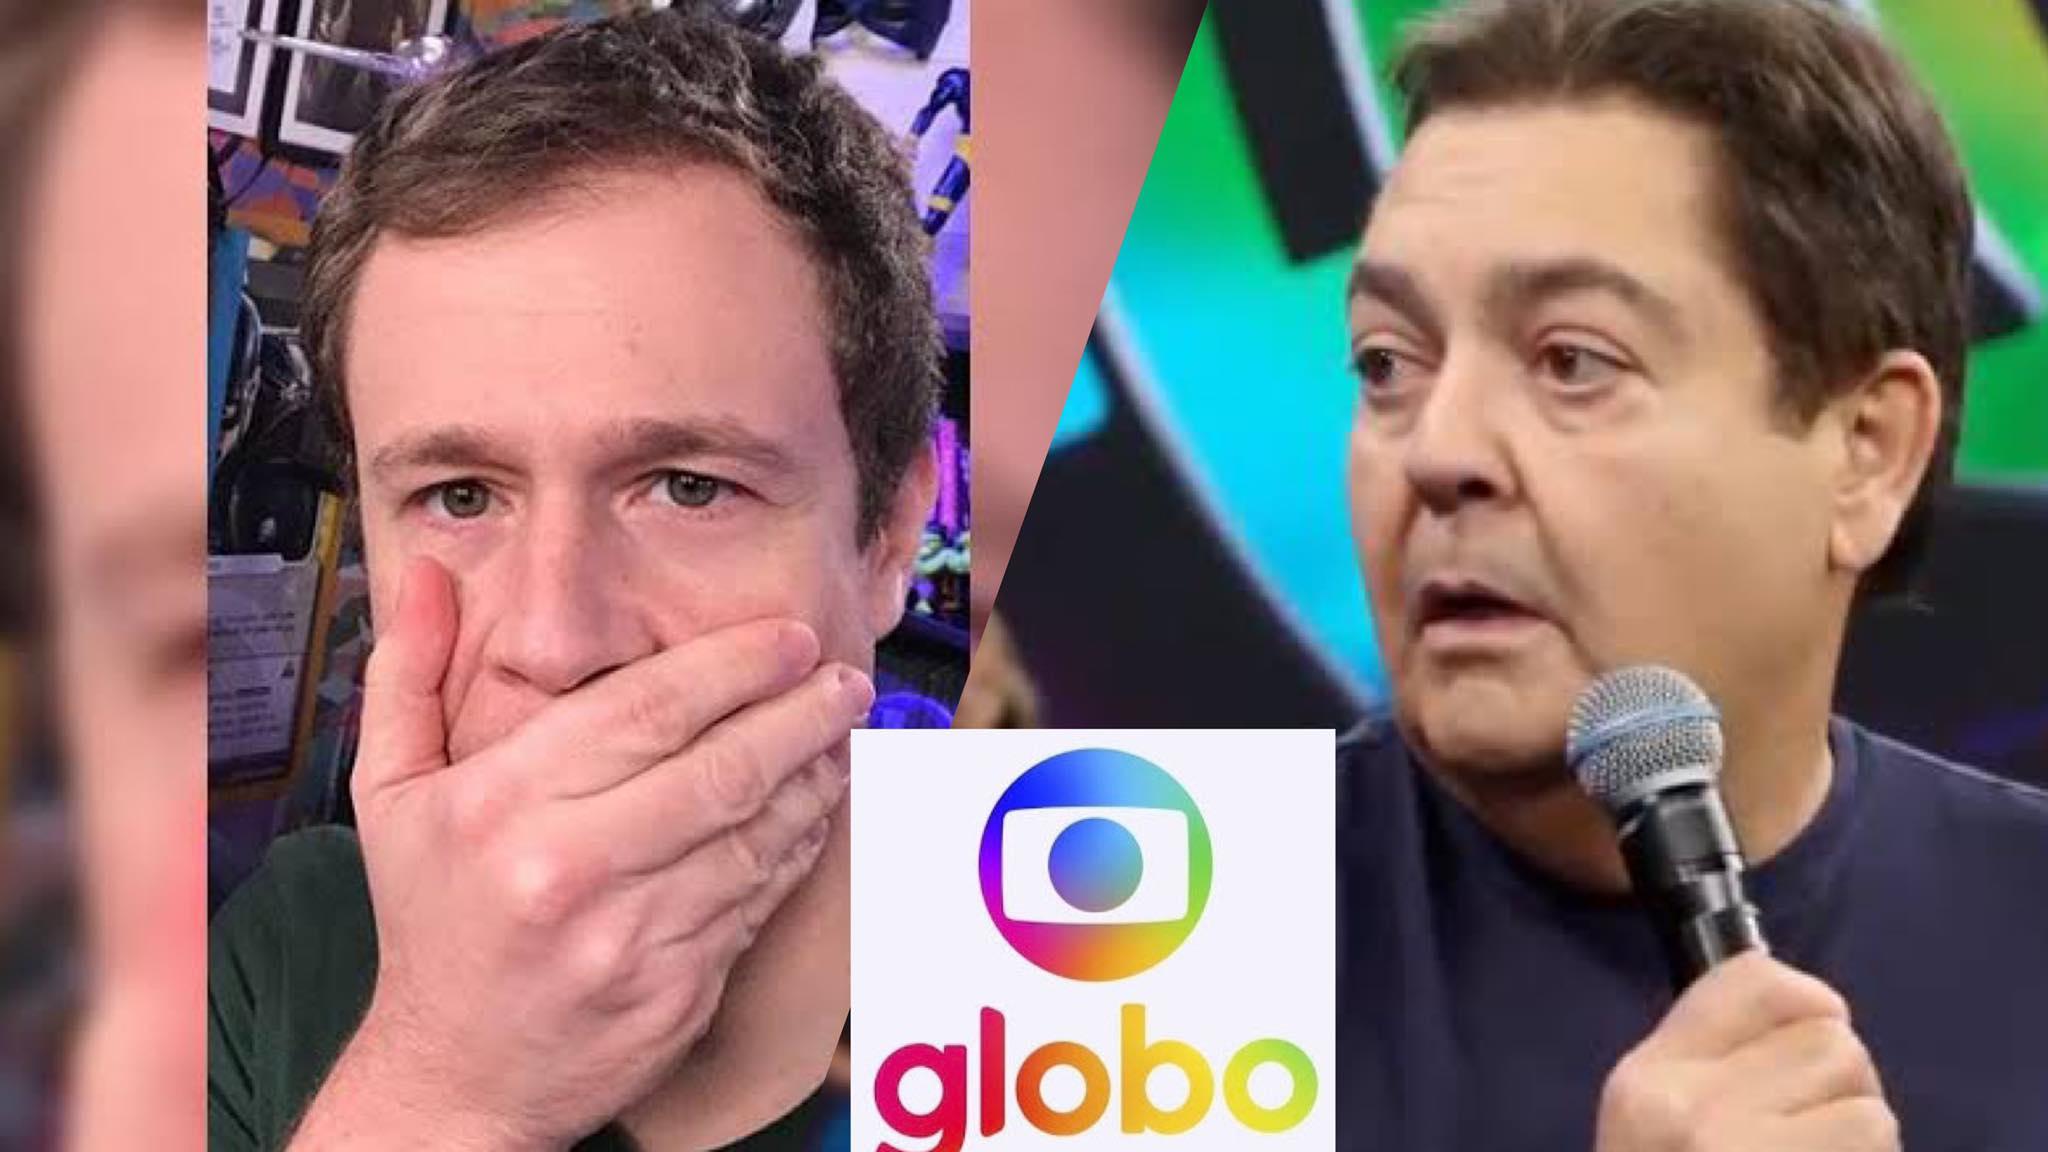 Globo decide antecipar a saída de Faustão e convoca Tiago Leifert para assumir o Super Dança dos Famosos (montagem: Fashion Bubbles)